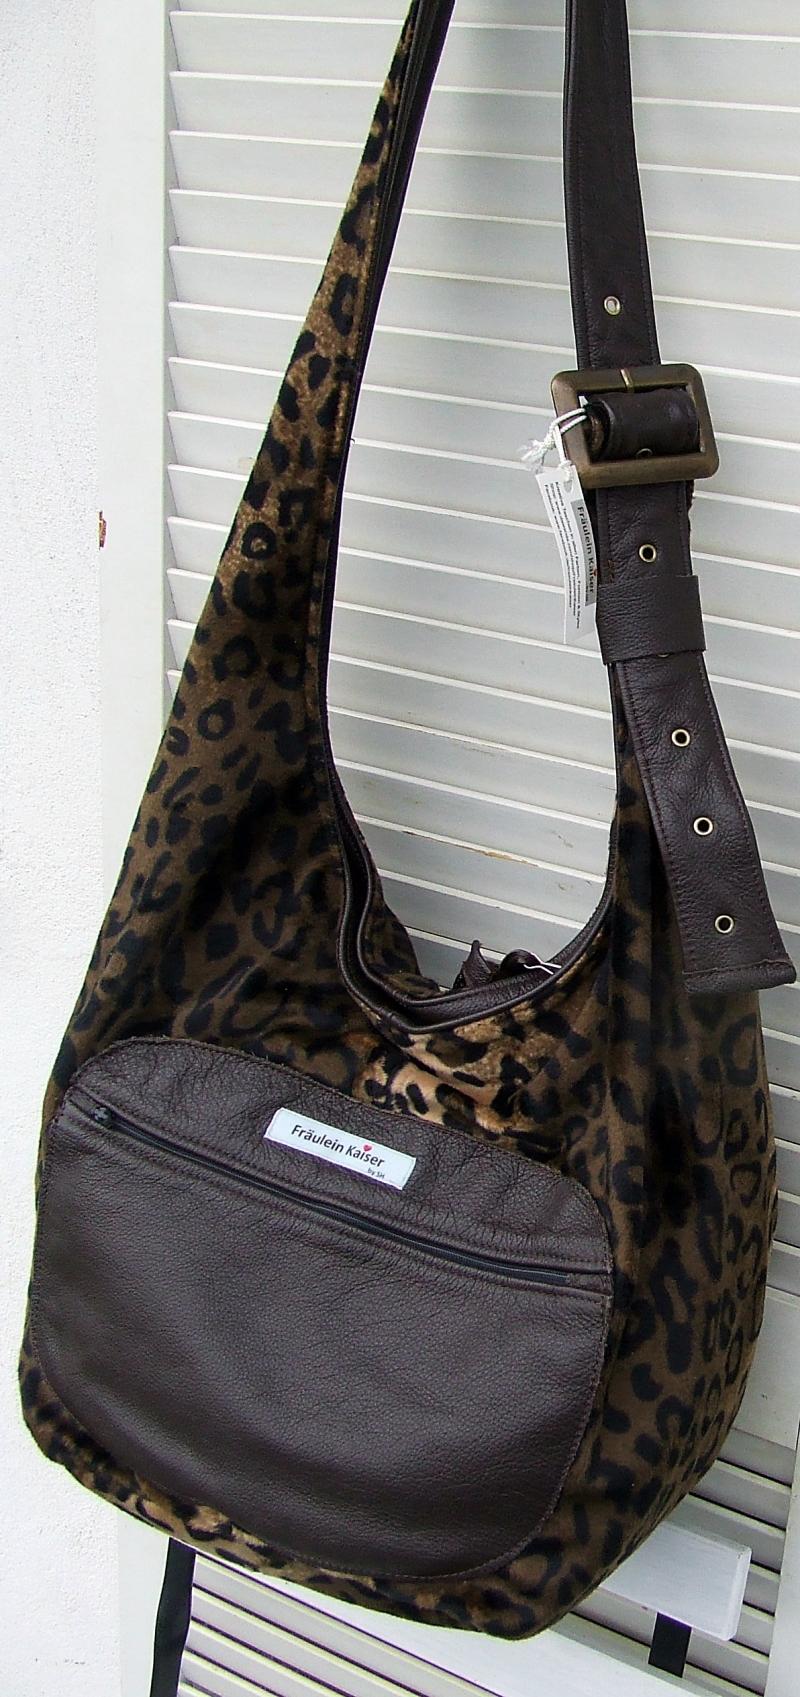 Kleinesbild - Tasche Beuteltasche in Felloptik ,animalprint im Leopardendesign, handgenähtl